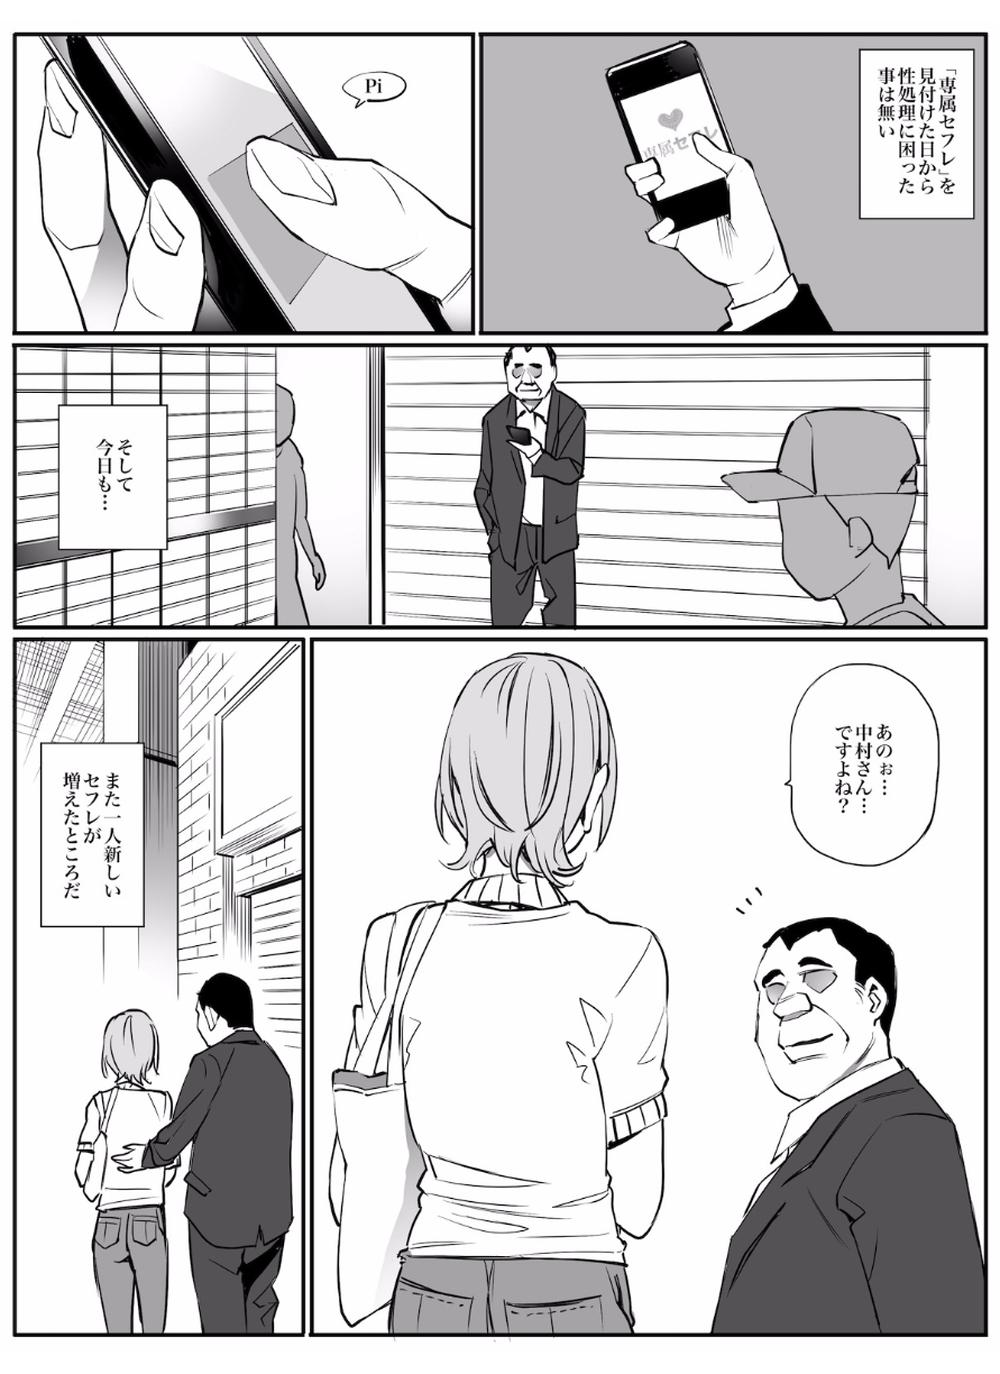 【エロ漫画】専属セフレアプリでOL、人妻、少女とやりたい放題セックスをする中年男w【無料 エロ同人誌】 (32)